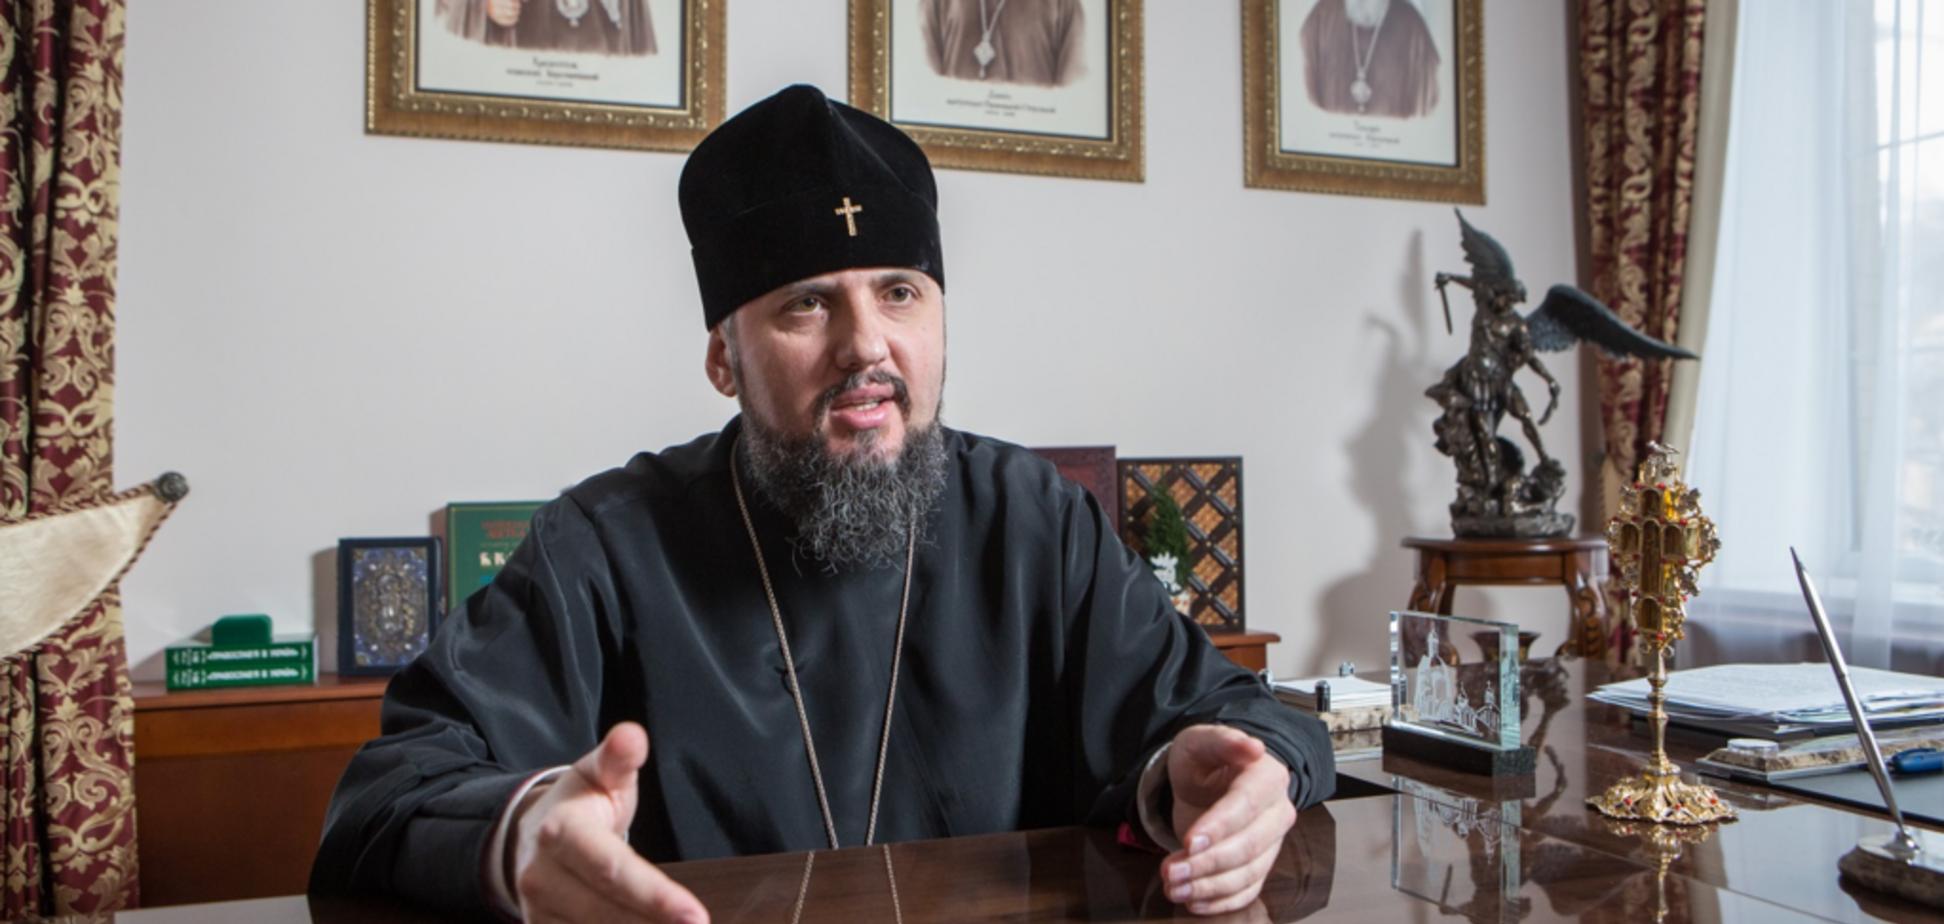 'Росія намагається зруйнувати зсередини': Епіфаній розповів про підступність РПЦ